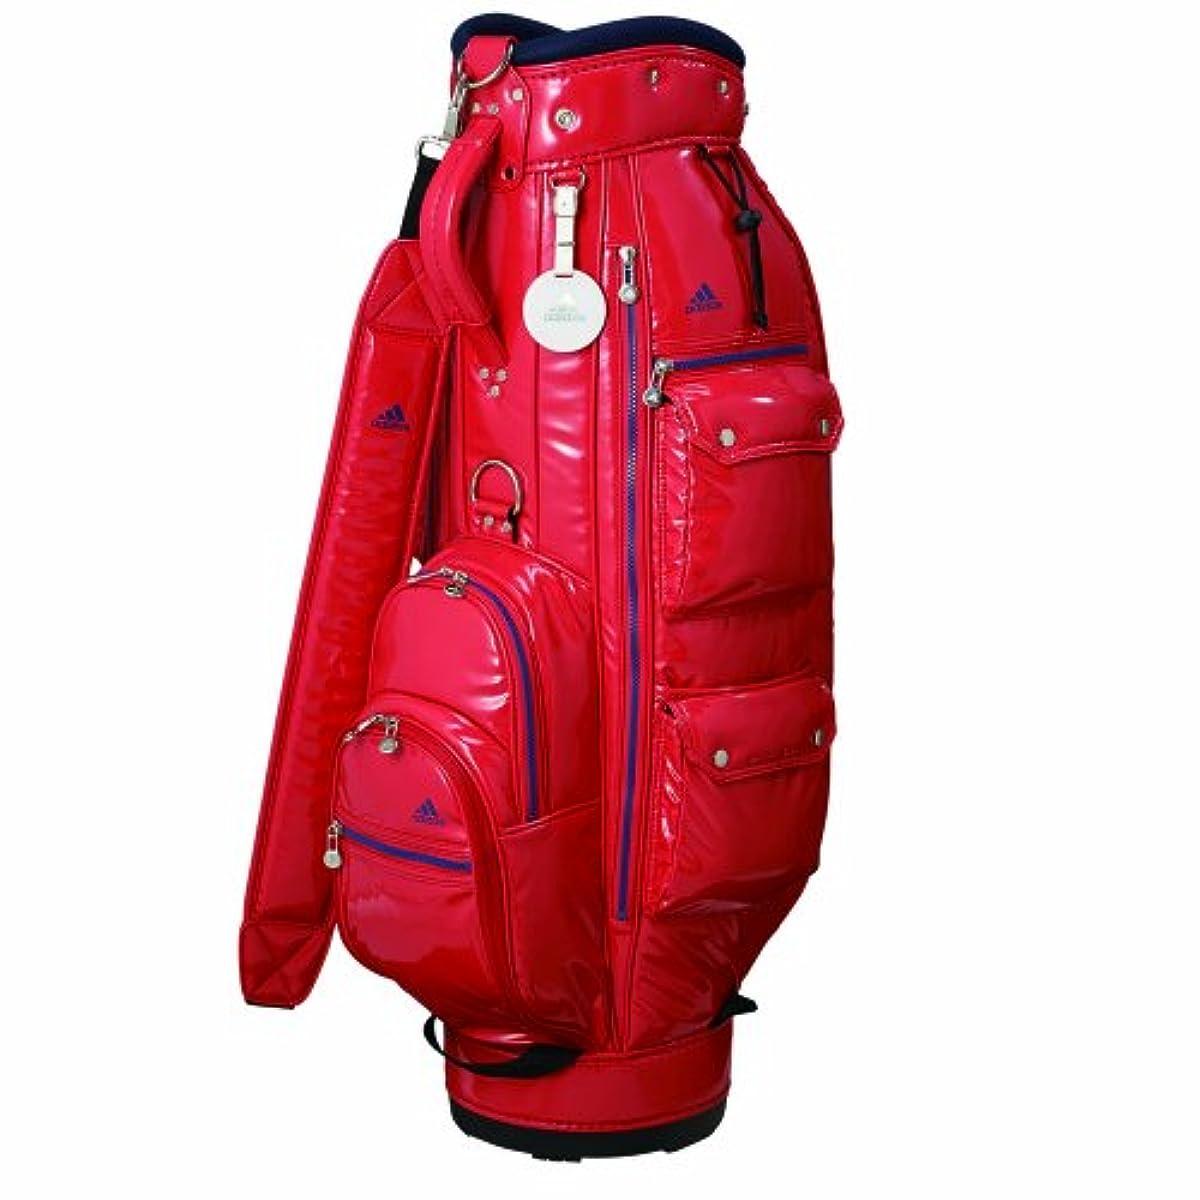 [해외] adidas Golf(아디다스 골프) W-CORE 캐디 백2 QR692 코랄 8.5타입